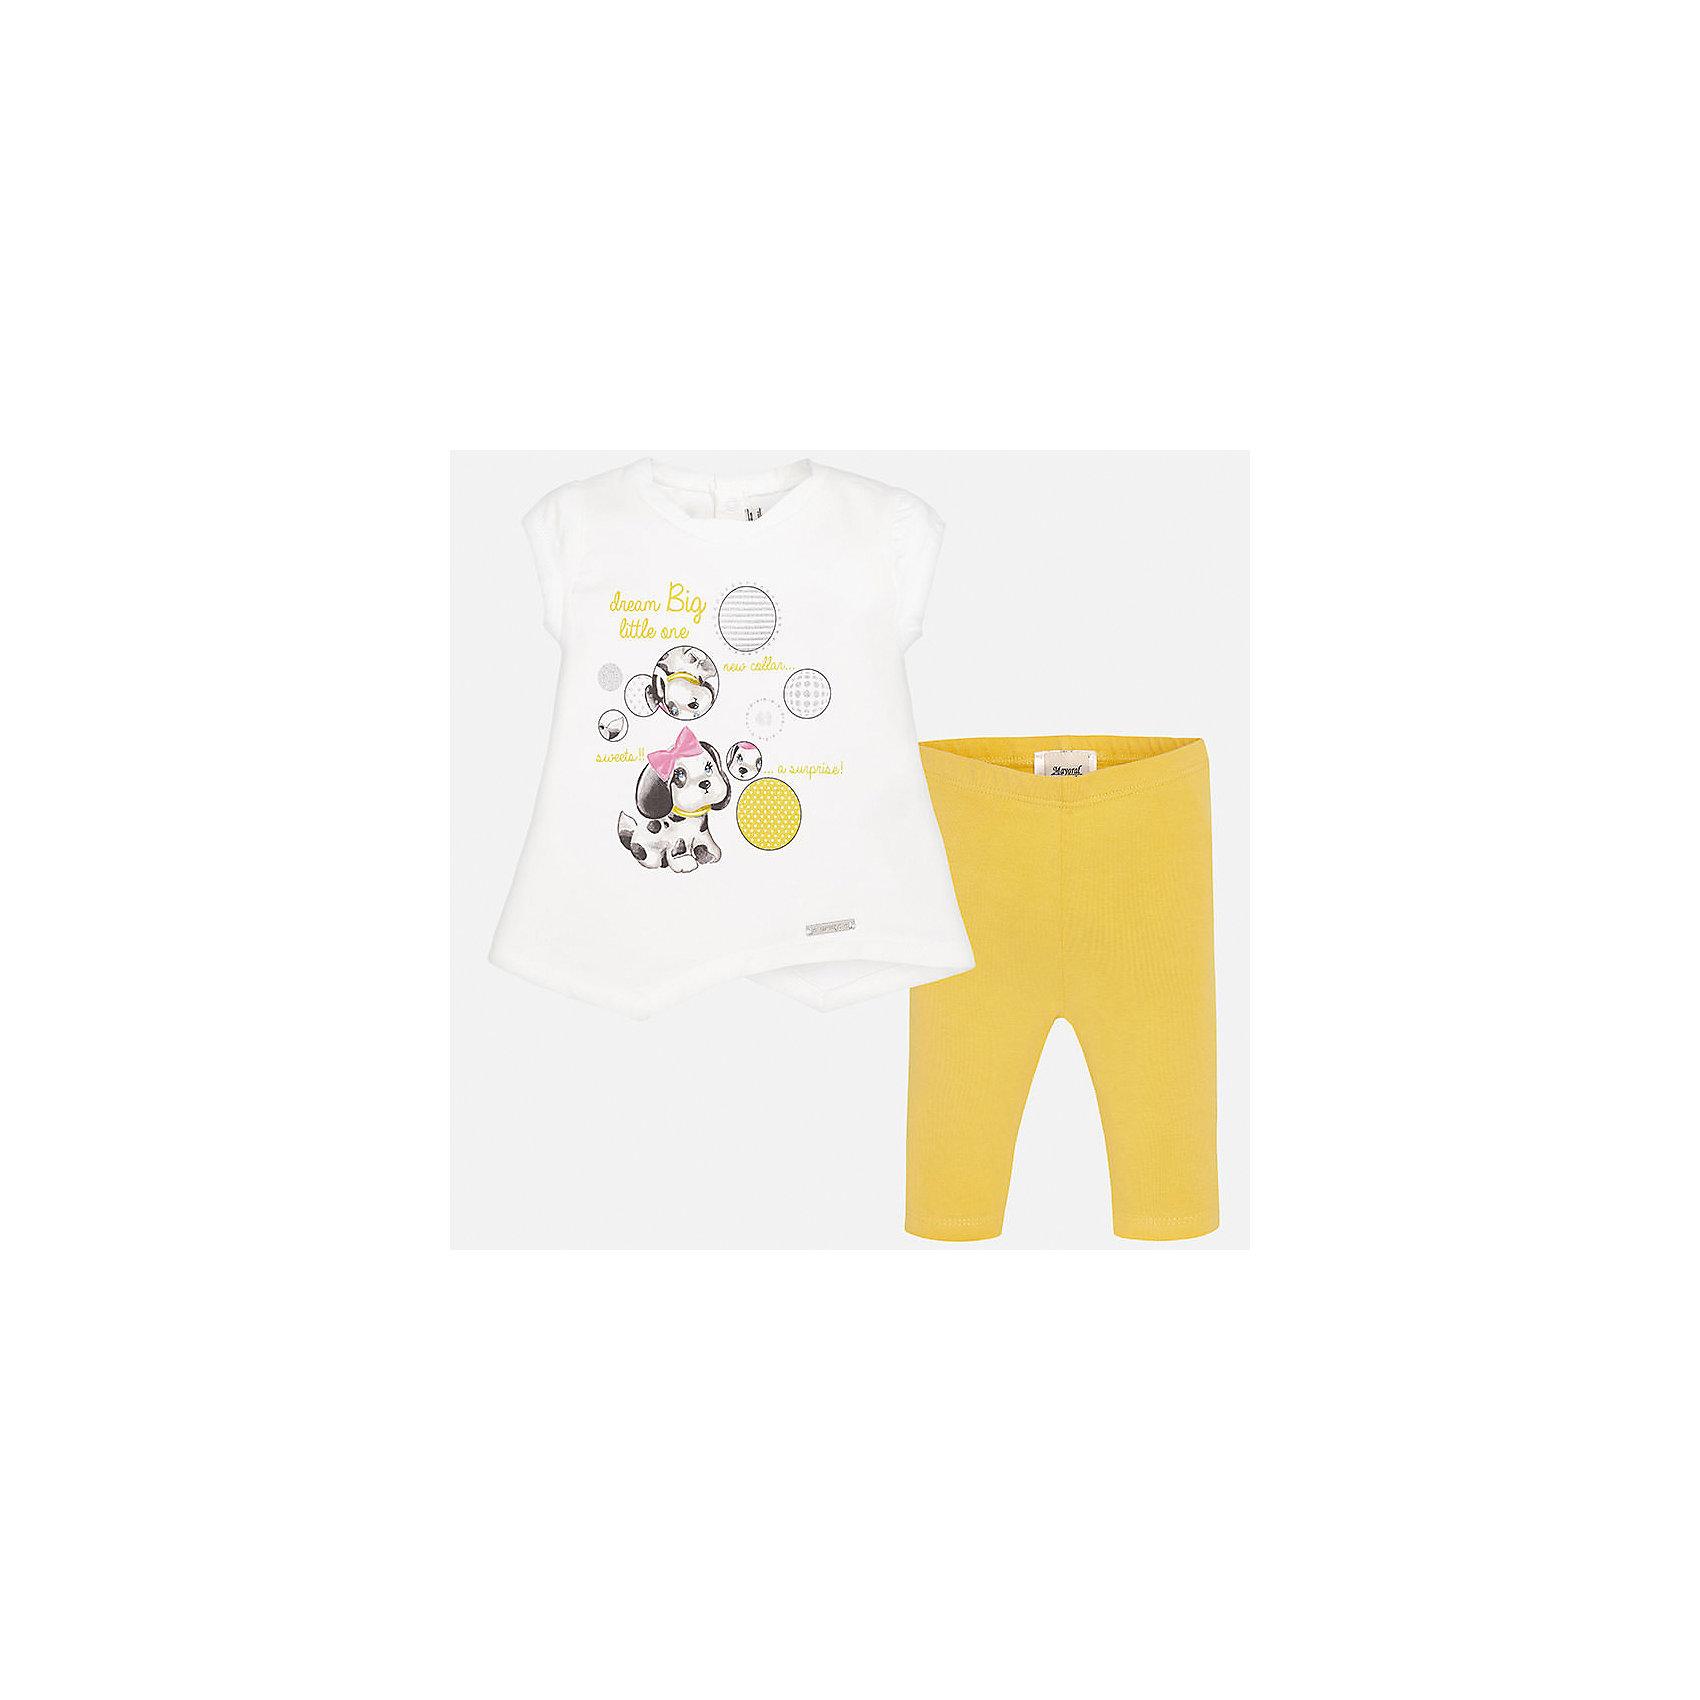 Комплект: футболка и леггинсы для девочки MayoralКомплекты<br>Характеристики товара:<br><br>• цвет: белый/желтый<br>• состав: 92% хлопок, 8% эластан<br>• комплектация: футболка и леггинсы<br>• футболка декорирована принтом<br>• леггинсы однотонные<br>• пояс на резинке<br>• страна бренда: Испания<br><br>Стильный качественный комплект для девочки поможет разнообразить гардероб ребенка и удобно одеться в теплую погоду. Он отлично сочетается с другими предметами. Универсальный цвет позволяет подобрать к вещам верхнюю одежду практически любой расцветки. Интересная отделка модели делает её нарядной и оригинальной. В составе материала - натуральный хлопок, гипоаллергенный, приятный на ощупь, дышащий.<br><br>Одежда, обувь и аксессуары от испанского бренда Mayoral полюбились детям и взрослым по всему миру. Модели этой марки - стильные и удобные. Для их производства используются только безопасные, качественные материалы и фурнитура. Порадуйте ребенка модными и красивыми вещами от Mayoral! <br><br>Комплект: футболка и леггинсы для девочки от испанского бренда Mayoral (Майорал) можно купить в нашем интернет-магазине.<br><br>Ширина мм: 123<br>Глубина мм: 10<br>Высота мм: 149<br>Вес г: 209<br>Цвет: желтый<br>Возраст от месяцев: 18<br>Возраст до месяцев: 24<br>Пол: Женский<br>Возраст: Детский<br>Размер: 92,74,80,86<br>SKU: 5289138